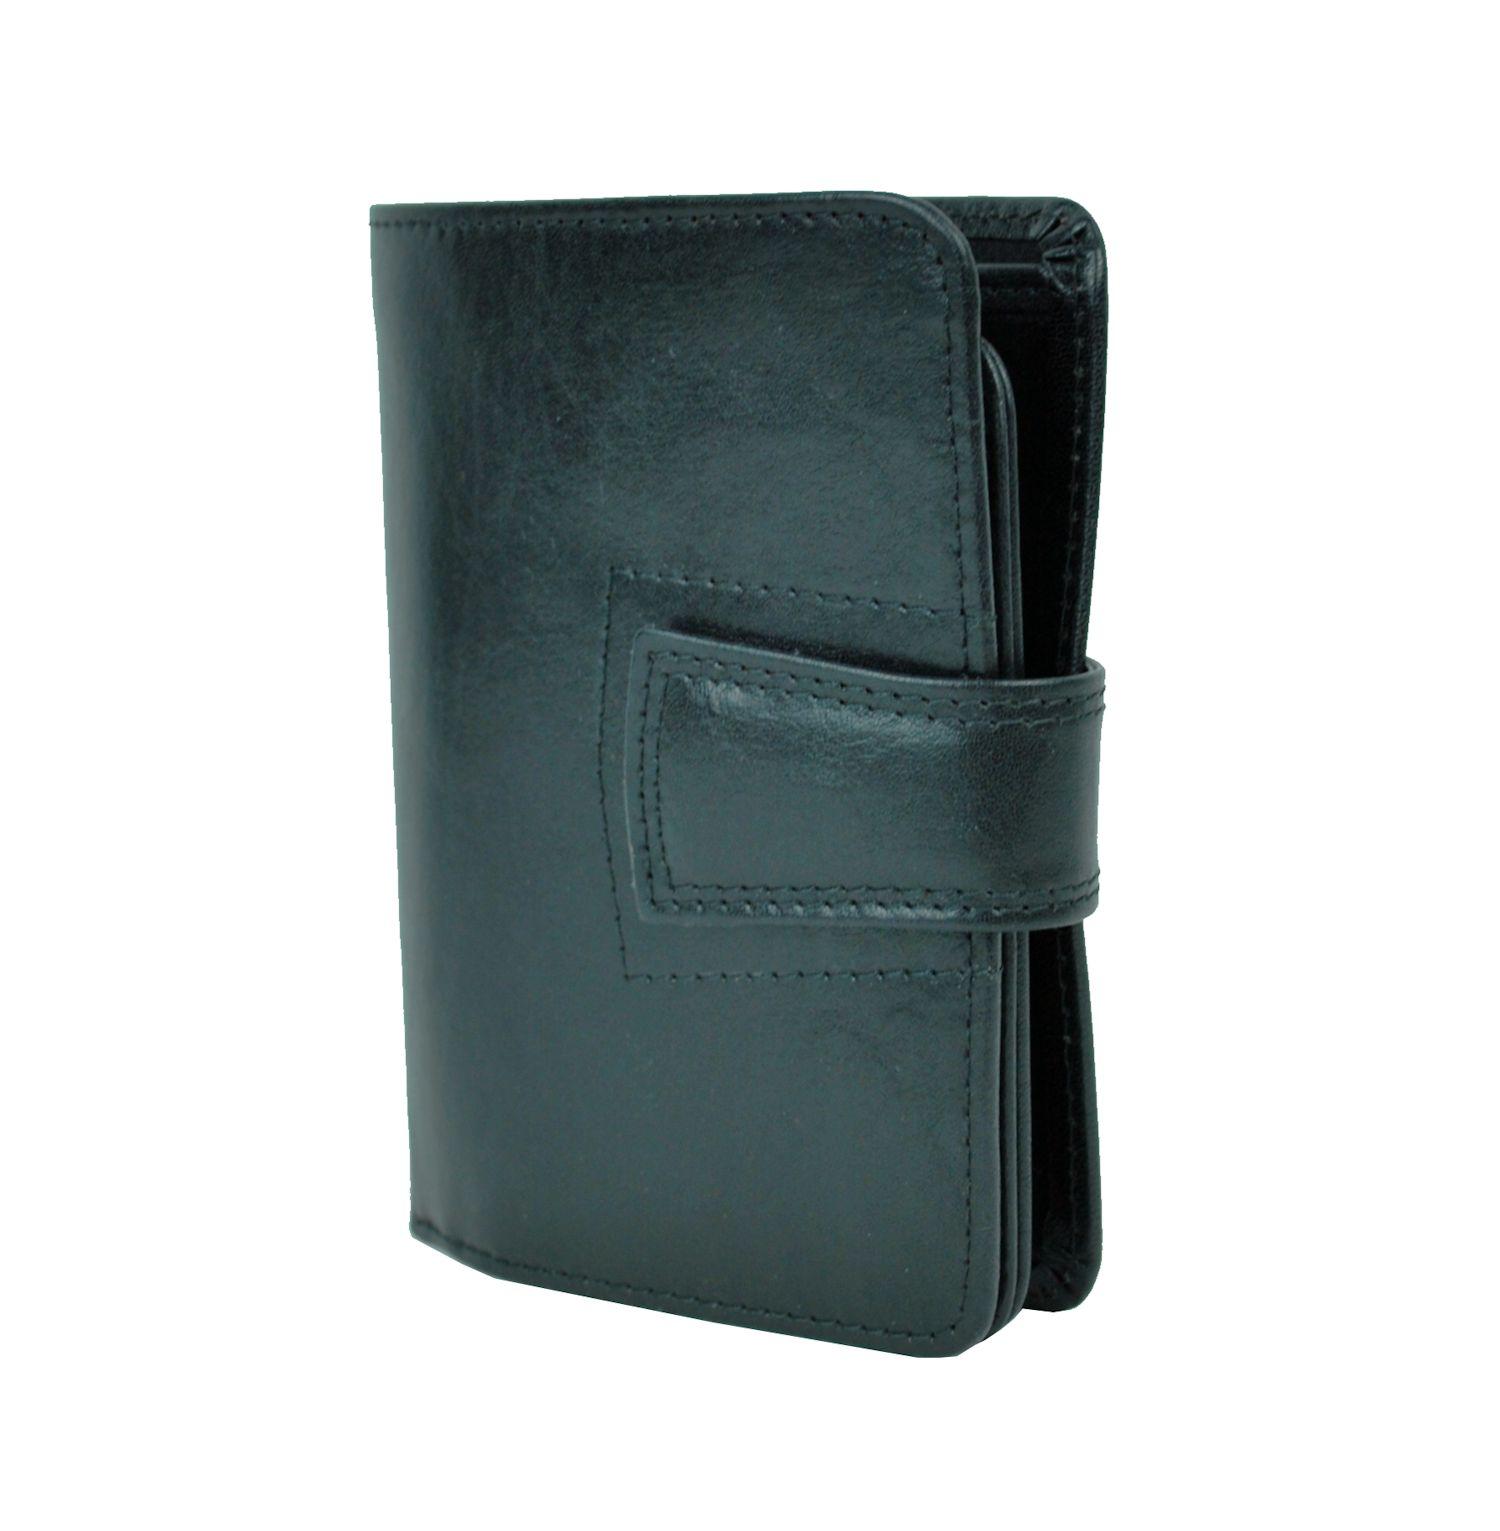 Luxusná kožená elegantná peňaženka č.8464 v čiernej farbe  03db952fcea